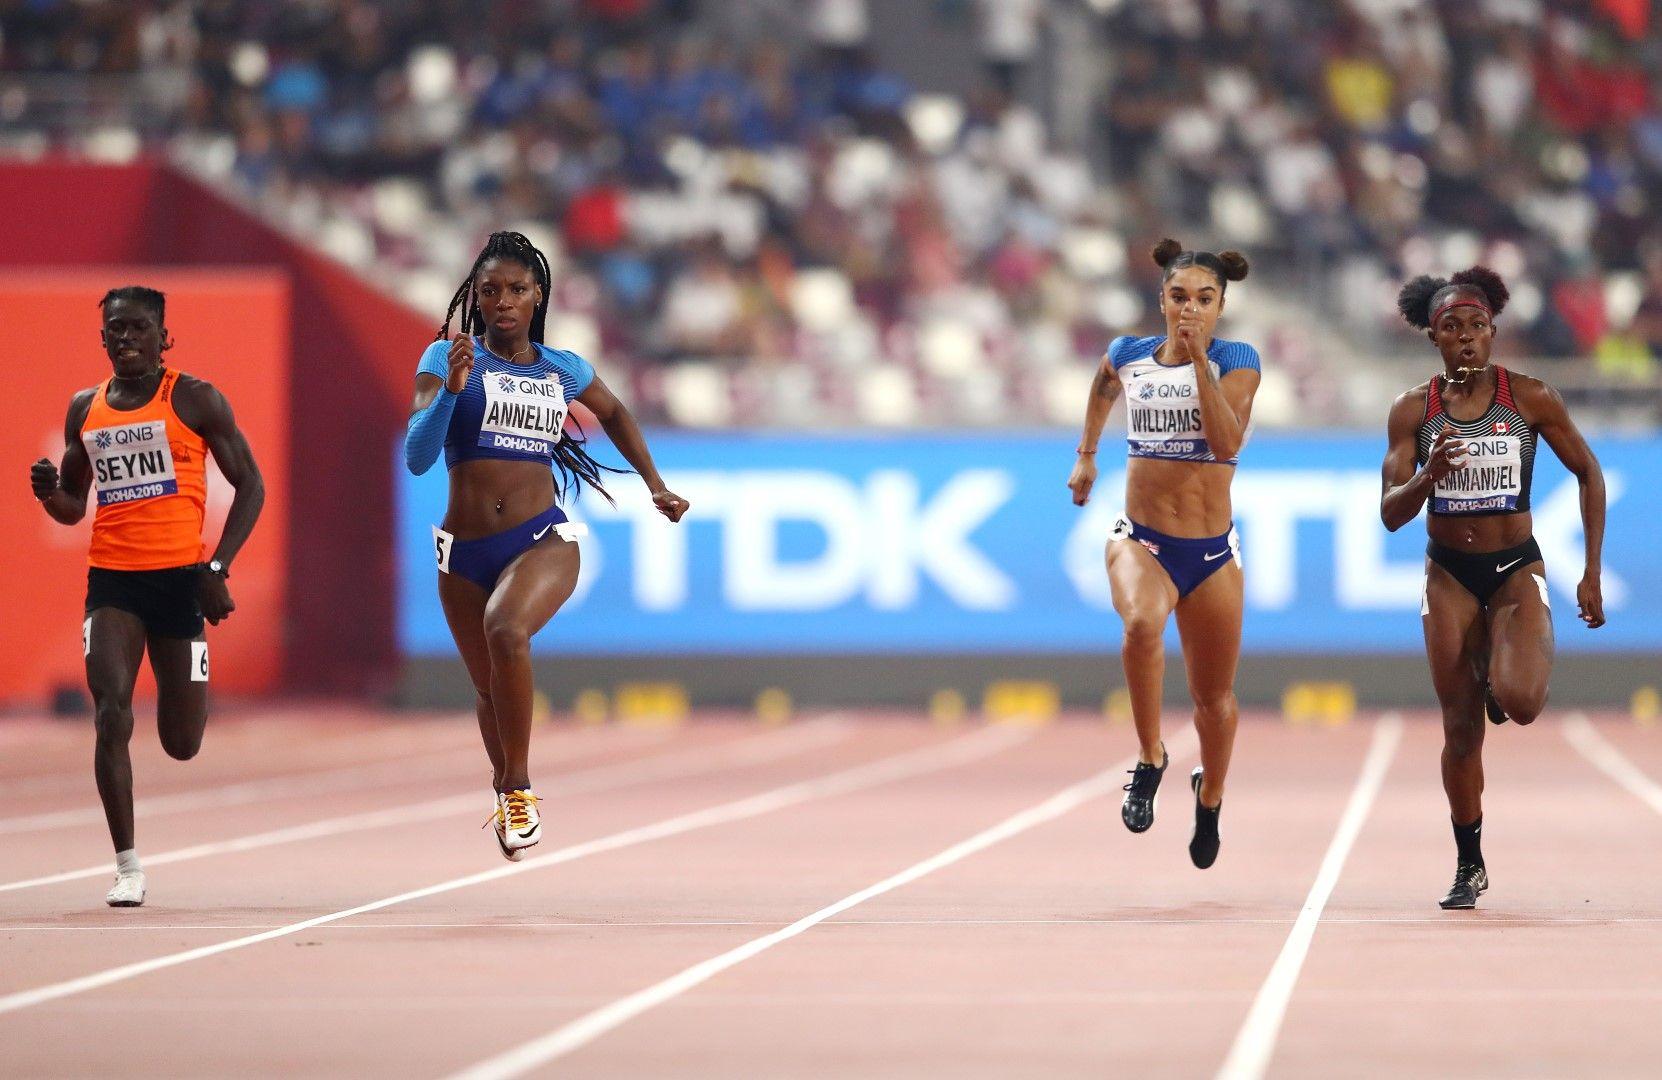 Аминату Сейни (крайната вляво) не успя да влезе във финала на 200 м